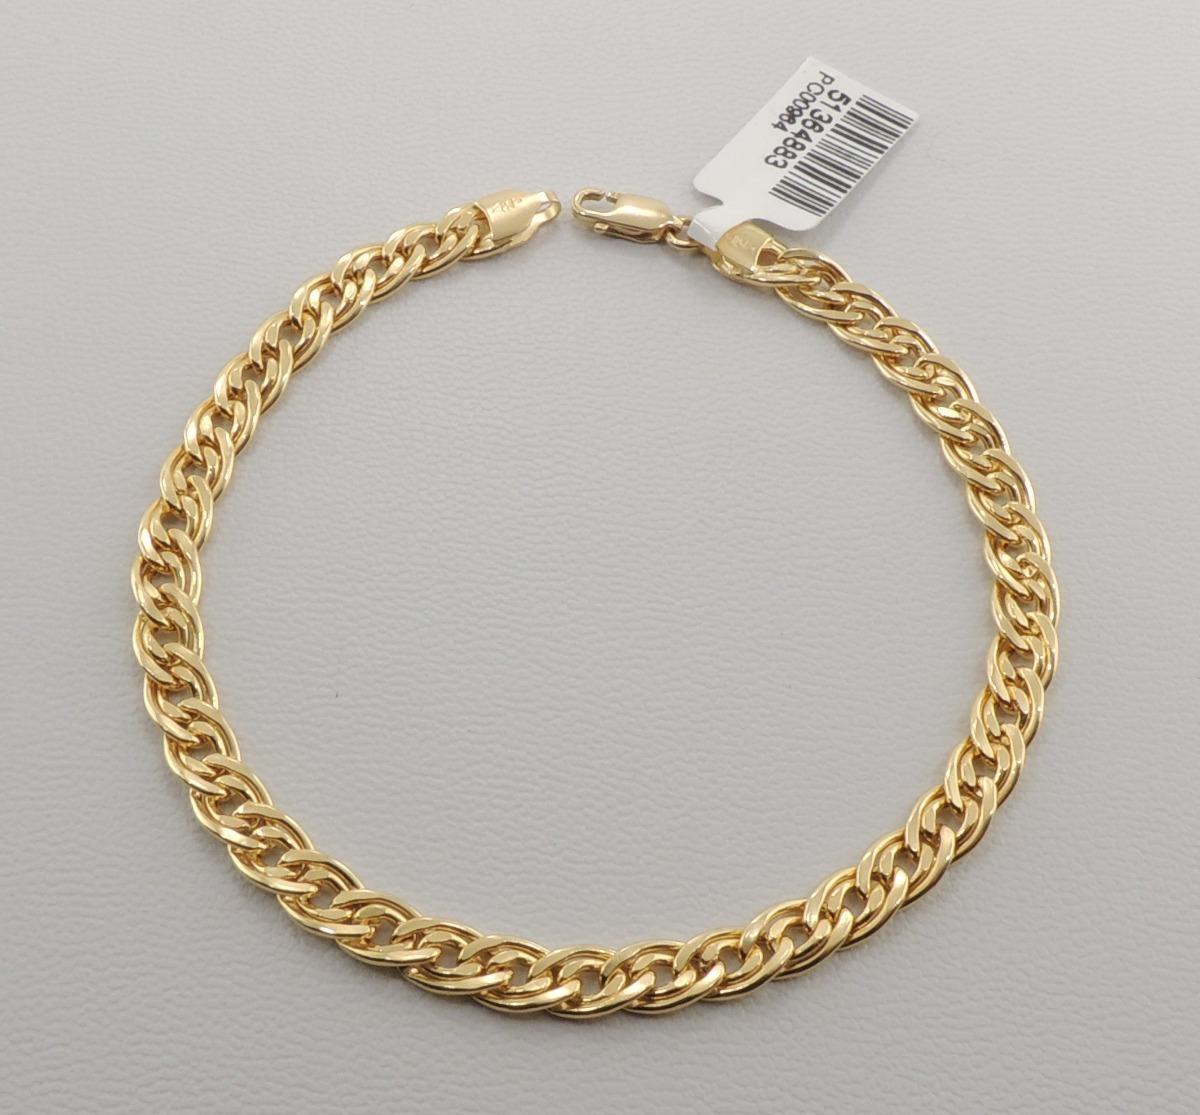 15ec4c08dc06d pulseira masculina corrente romana 21 cm ouro 18k lançamento. Carregando  zoom.